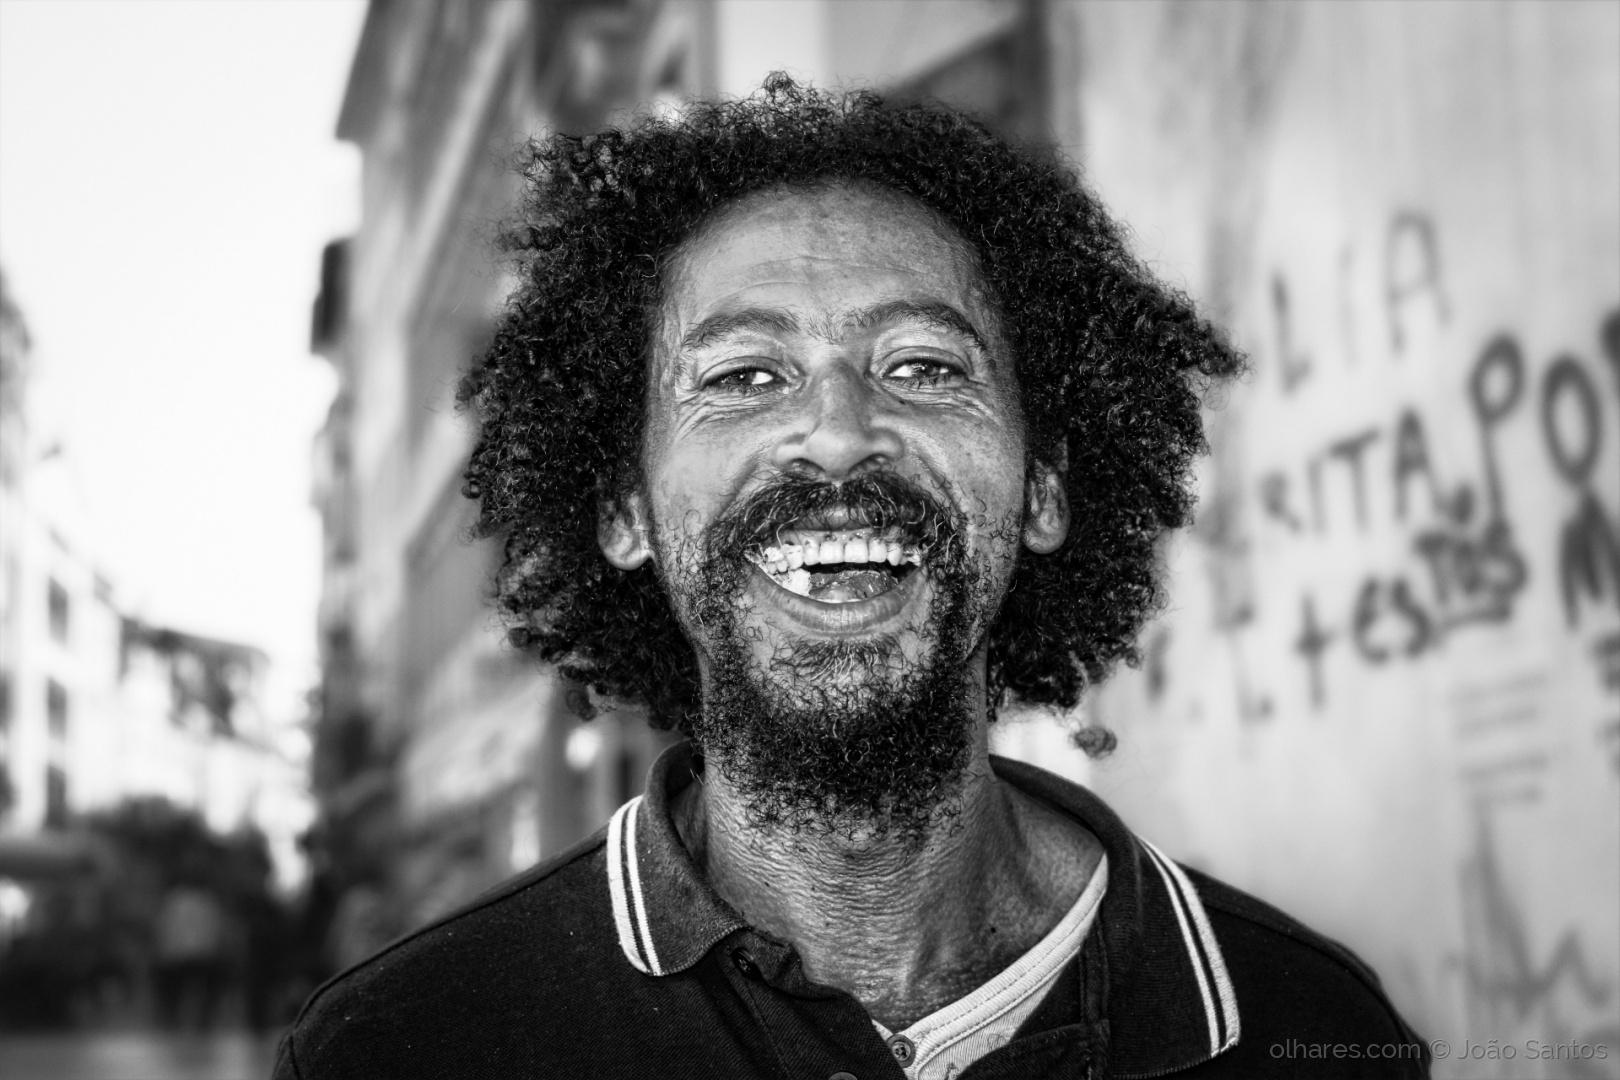 """Retrato de Lourenço da Ilha do Fogo tirado em Coimbra. É uma pessoa simpática, alegre e bem disposta. Costuma andar com a sua guitarra animando os Conimbricenses, estudantes e turistas. Quando falamos com o Lourenço este acompanha as suas palavras com um sorriso."""""""